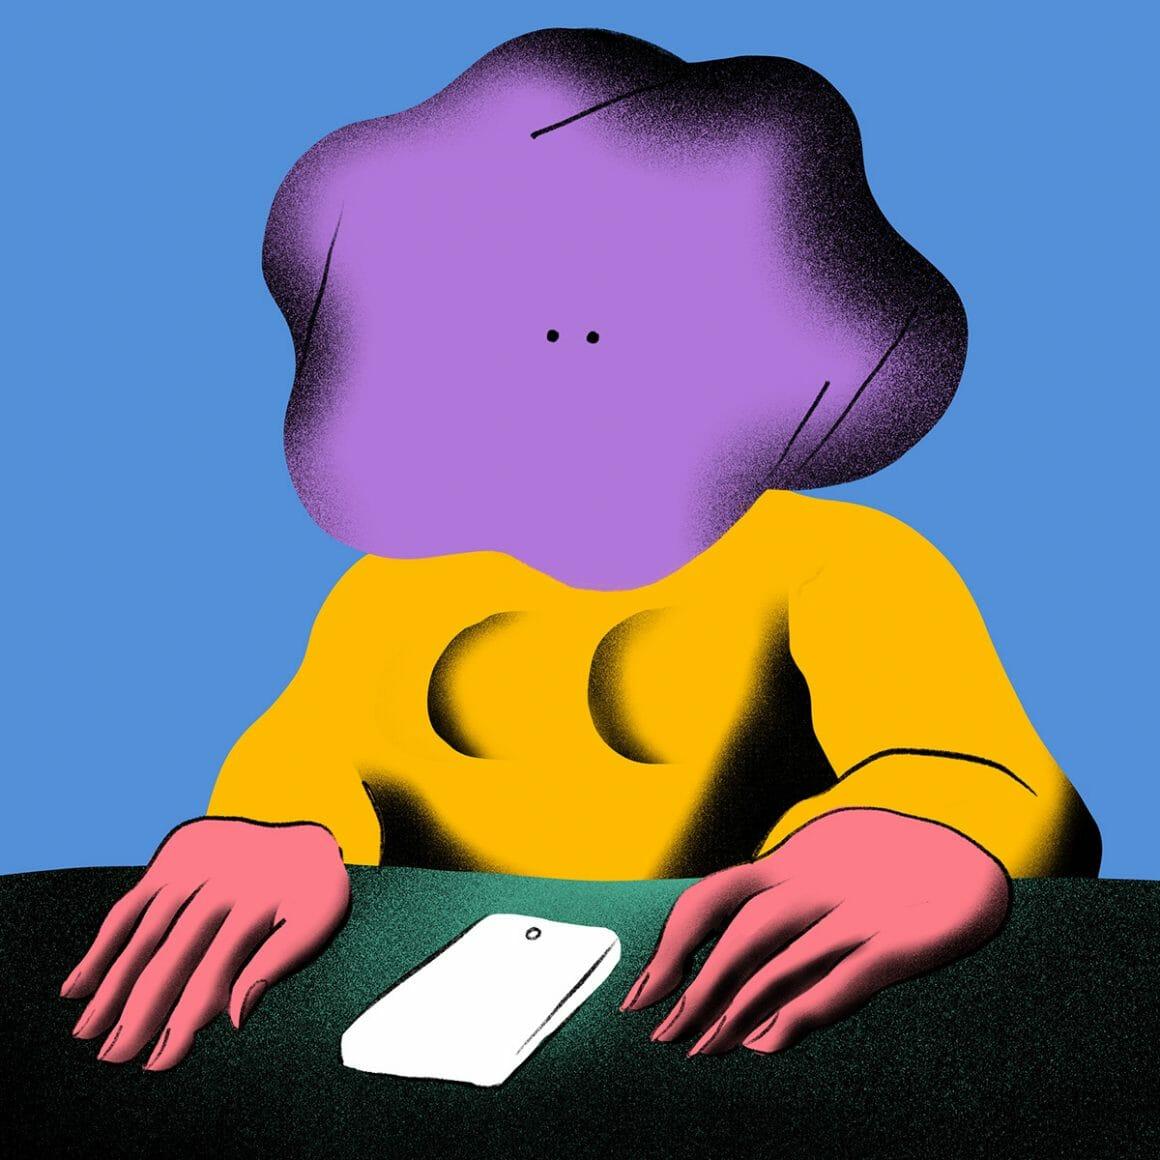 Bad phone call par Genie Espinoza (personnage jaune, rose et mauve attablé devant un téléphone)